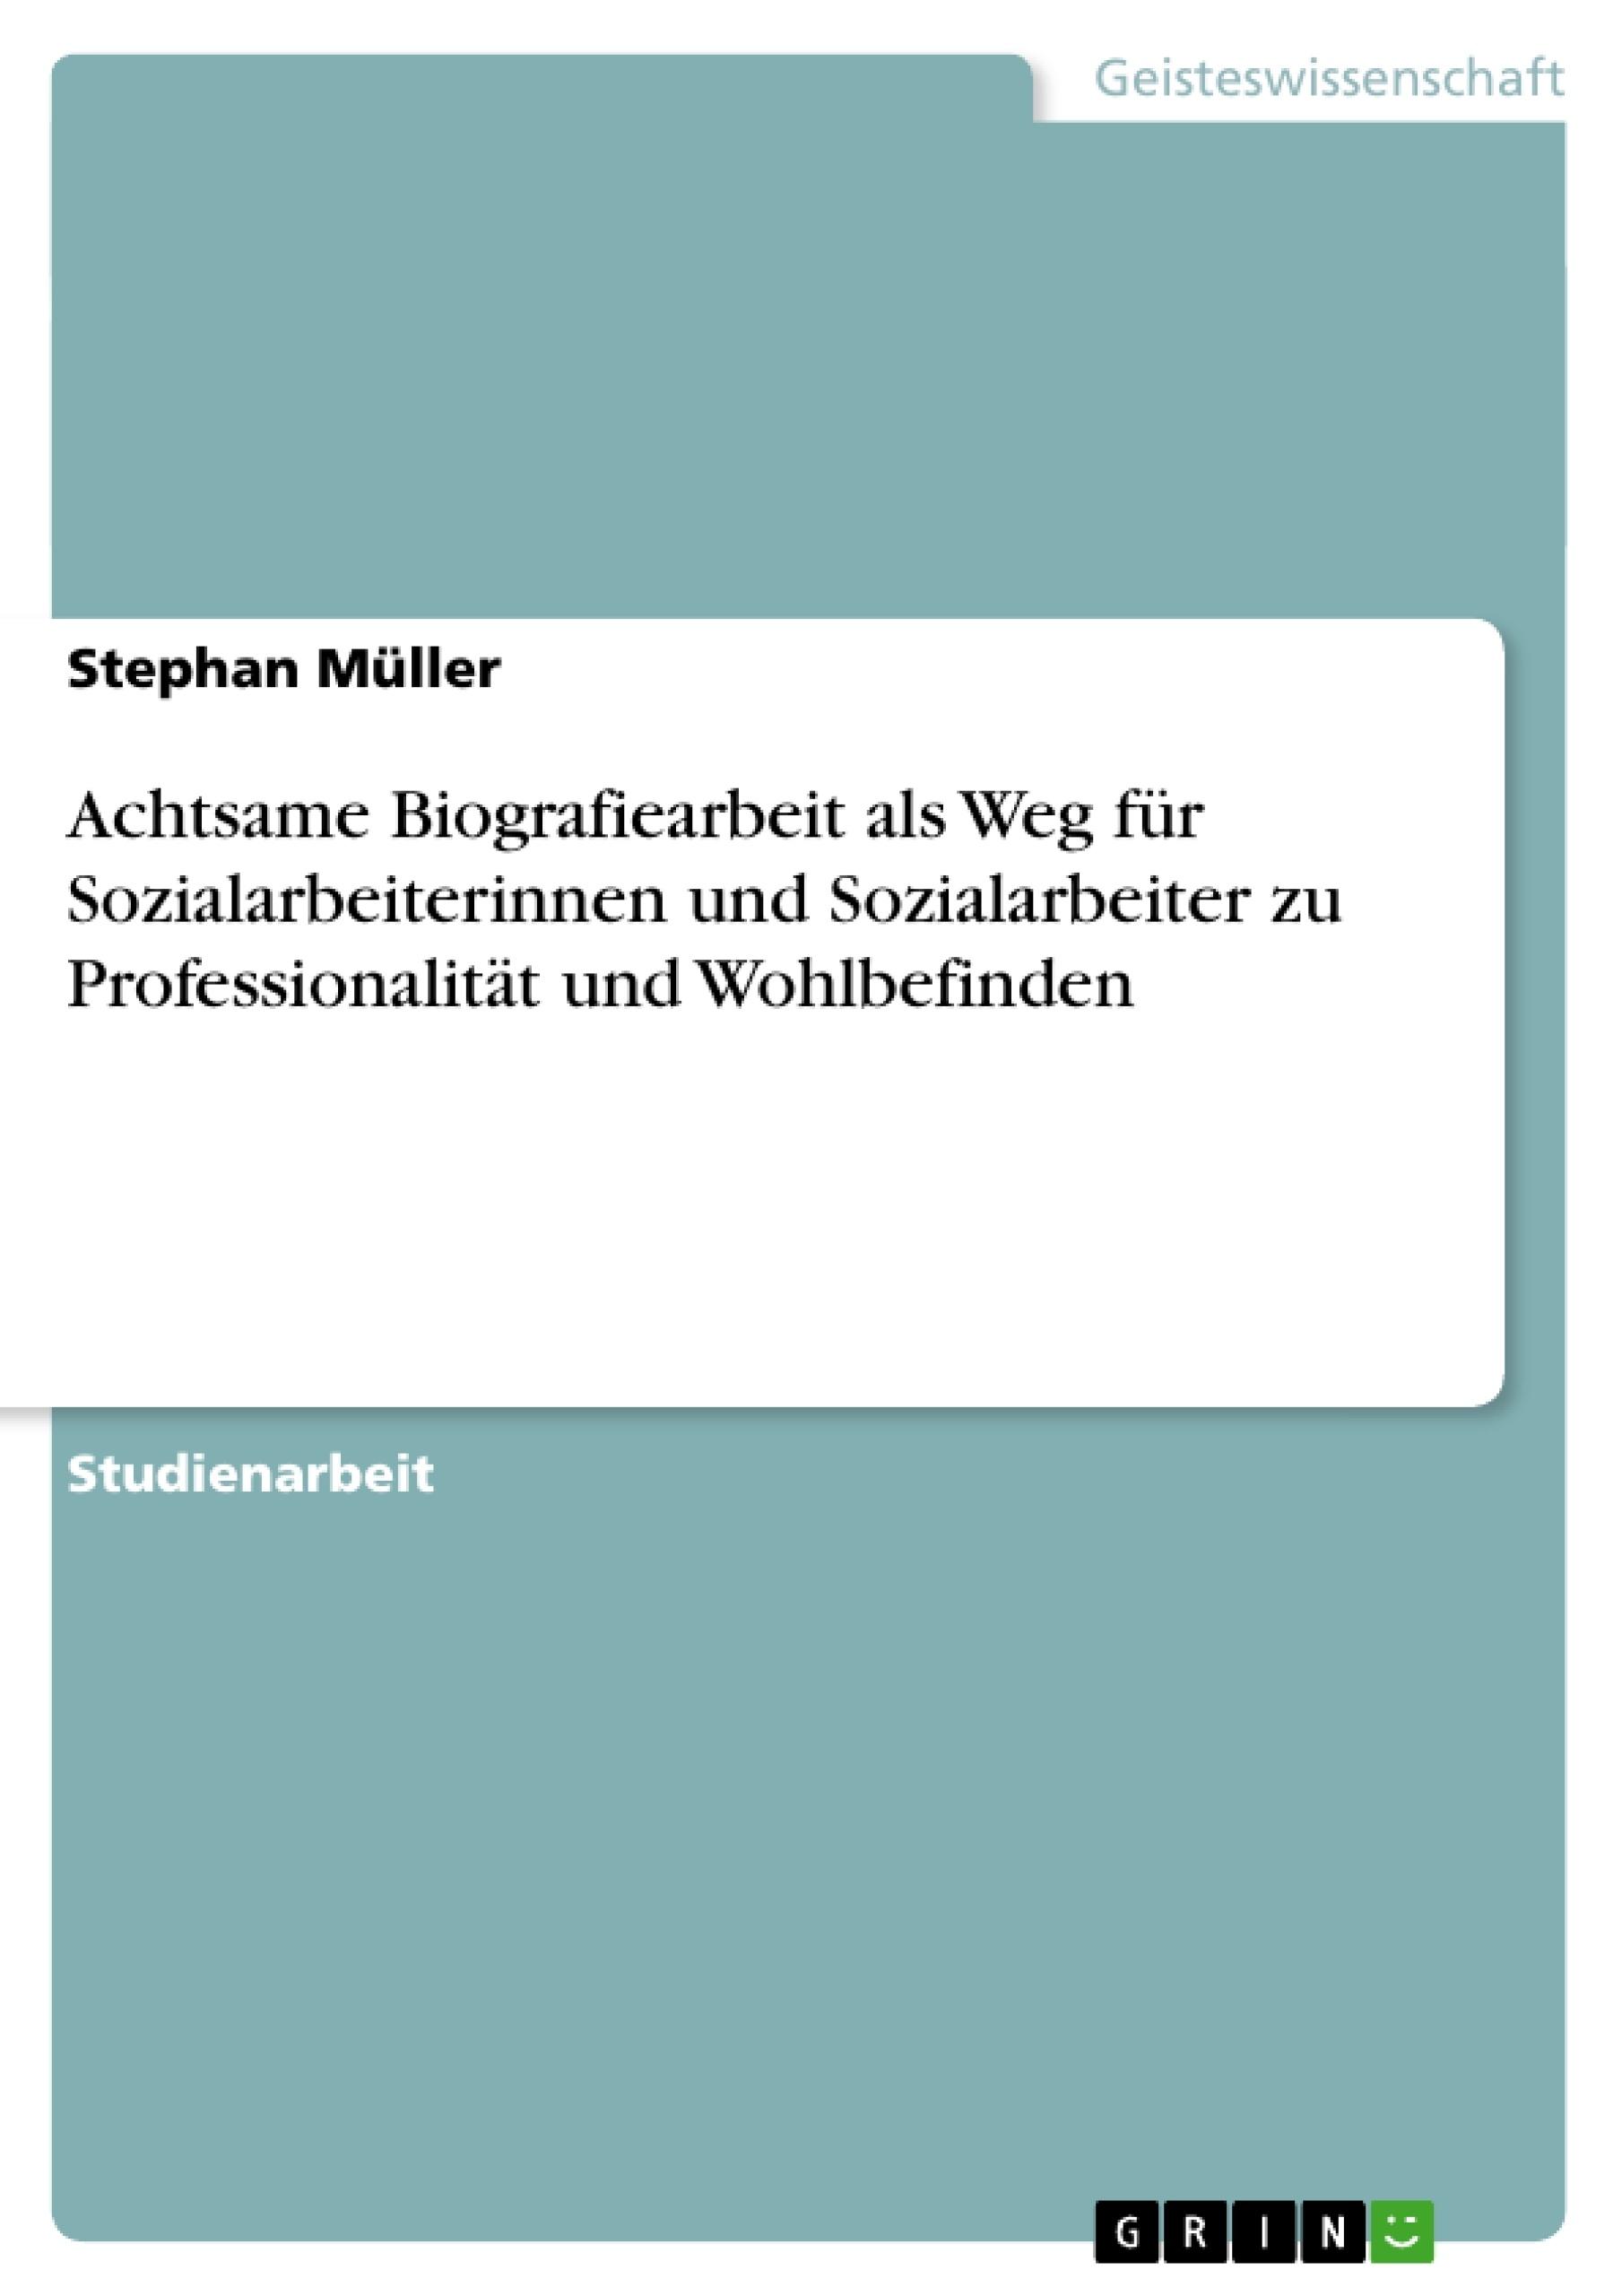 Titel: Achtsame Biografiearbeit als Weg für Sozialarbeiterinnen und Sozialarbeiter zu Professionalität und Wohlbefinden